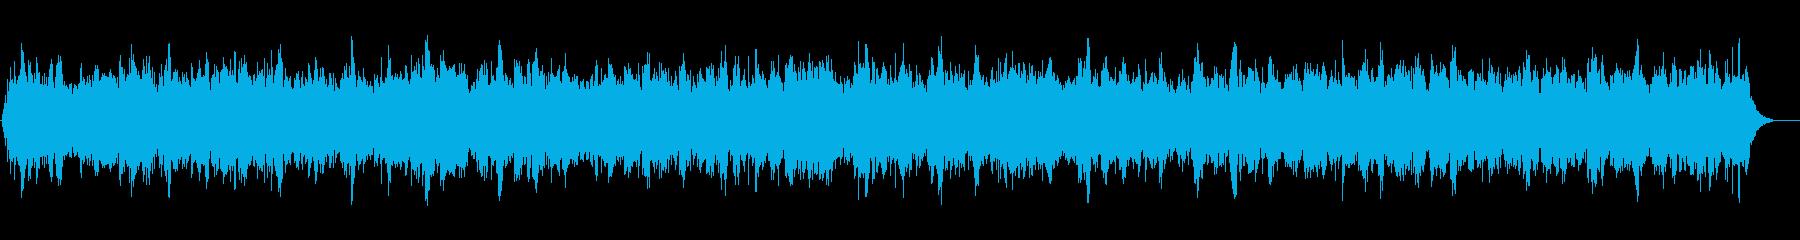 癒しトランス系ヒーリングBGMの再生済みの波形